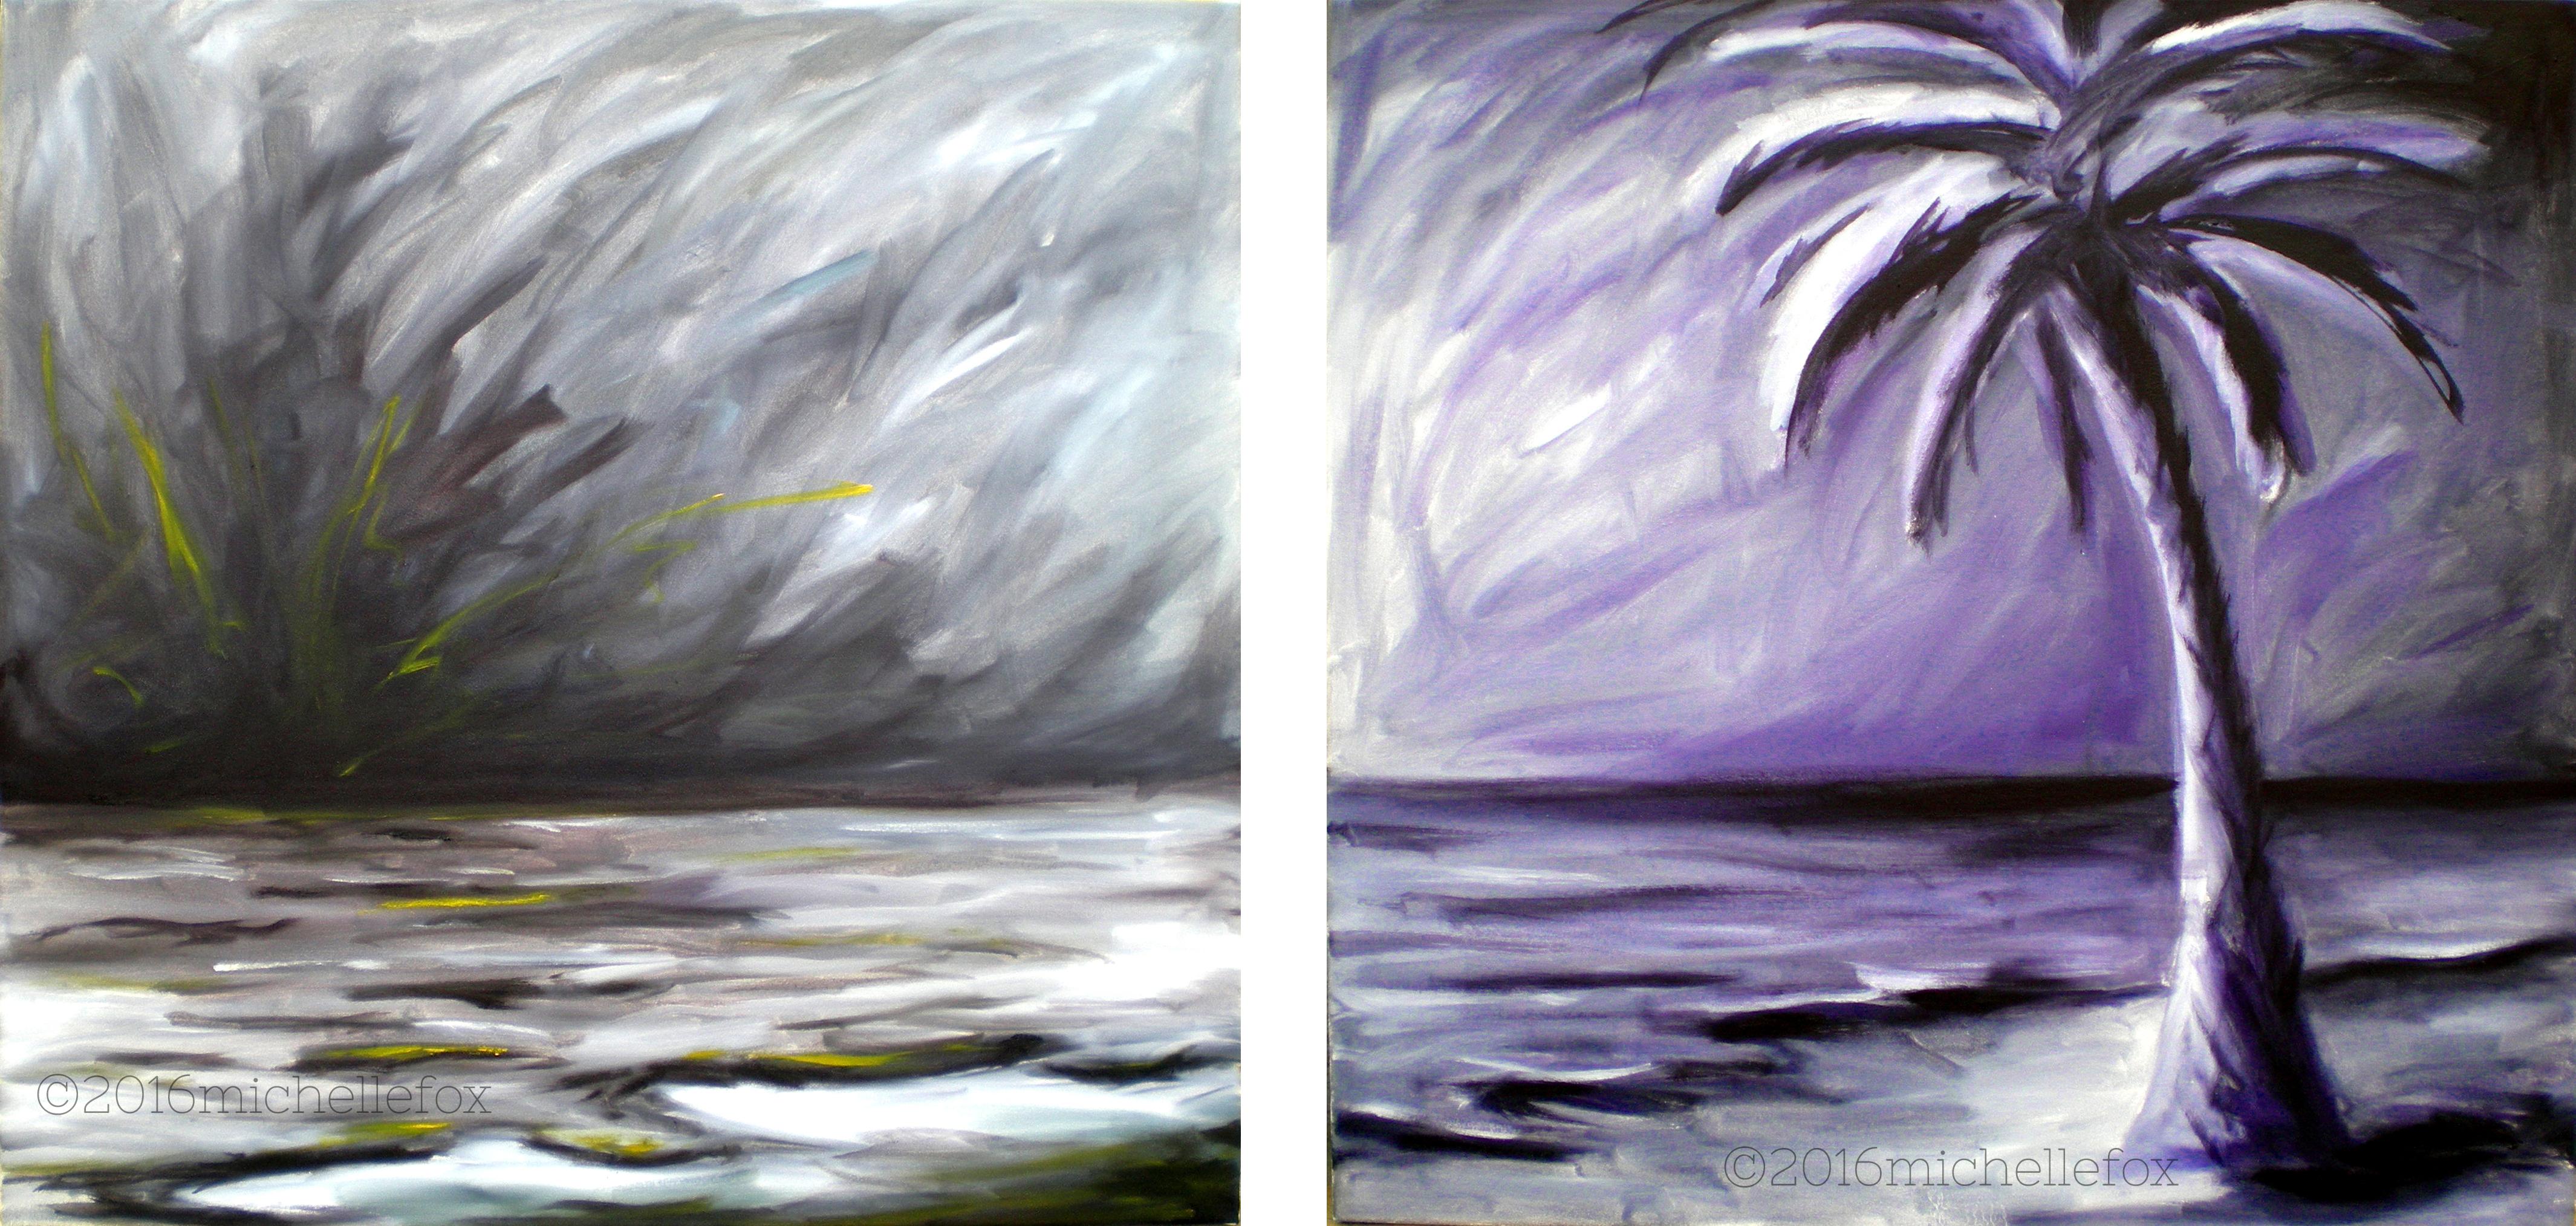 2008_02-calm-passion-no-2-copy